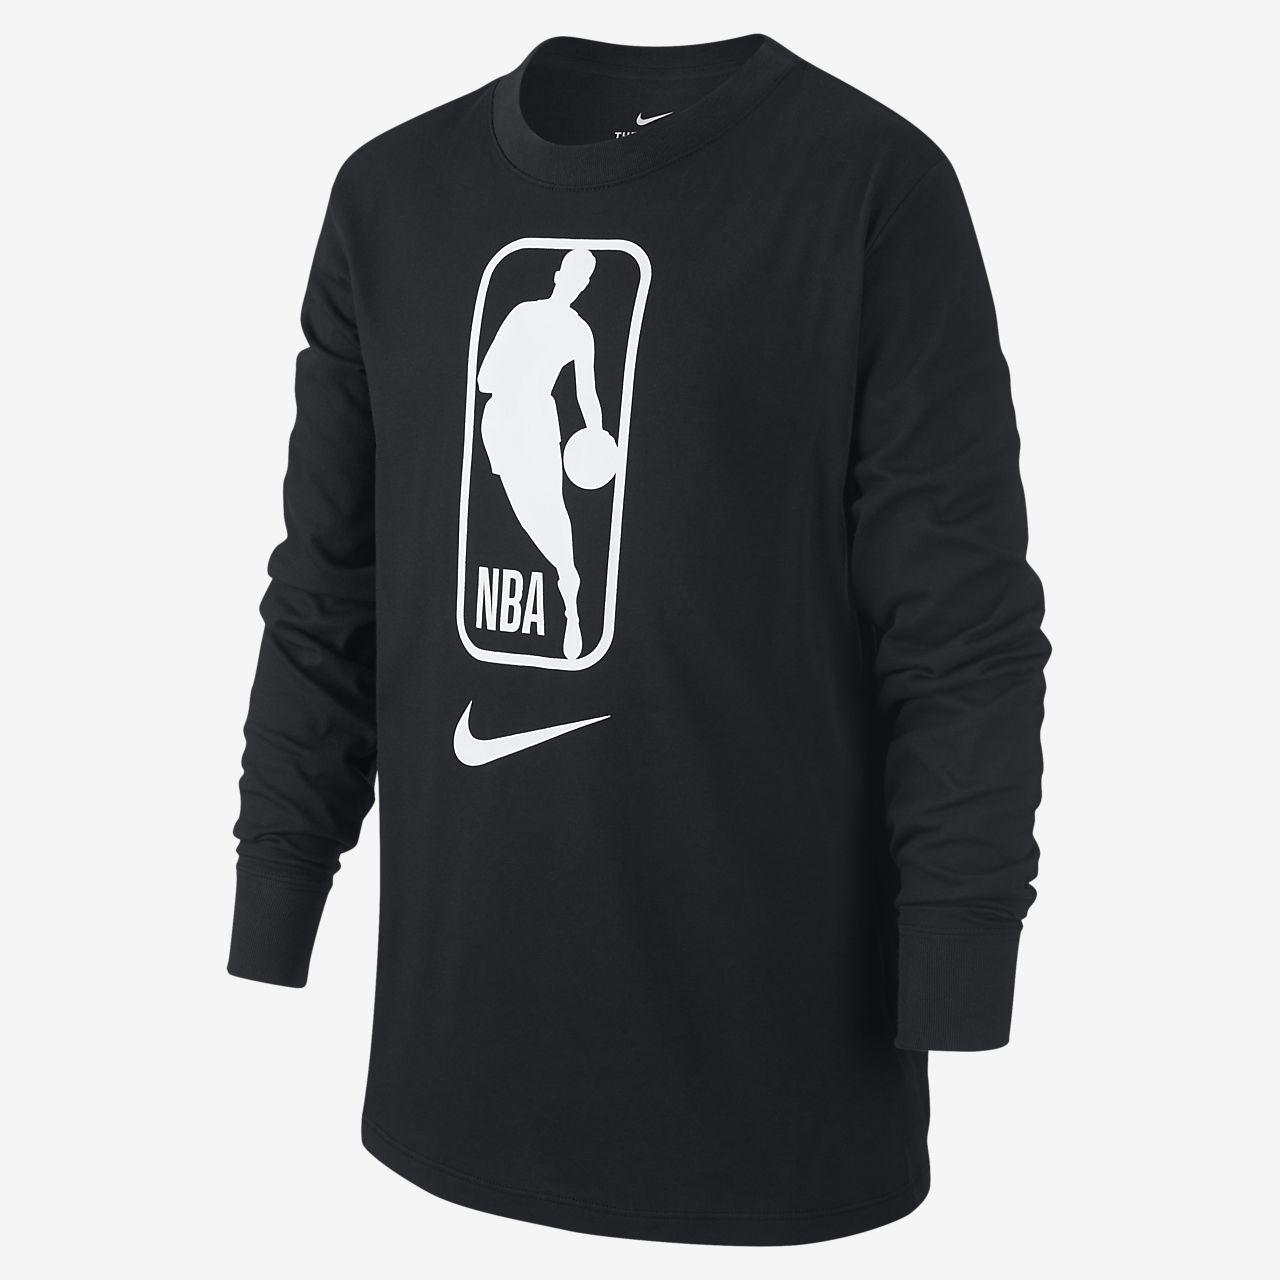 Tee-shirt NBA à manches longues Nike Dri-FIT pour Enfant